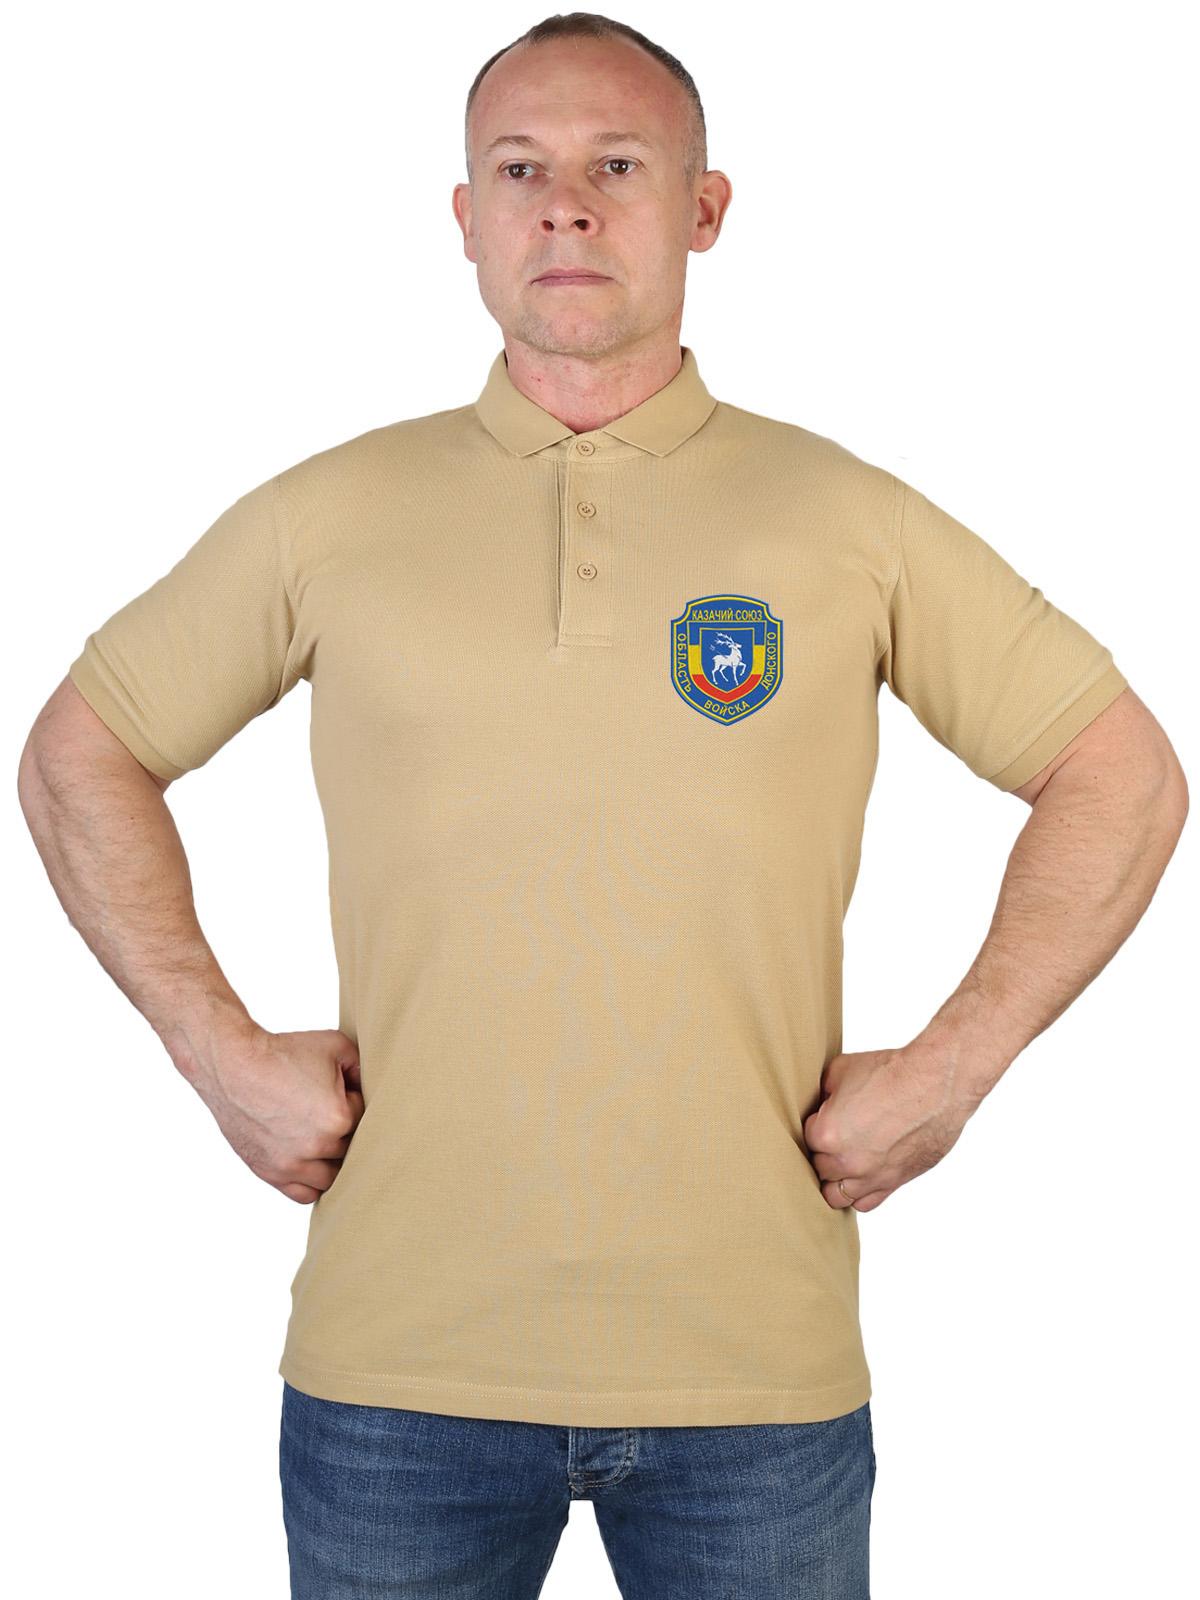 Купить трикотажную мужскую футболку-поло с вышивкой Казачий союз в подарок